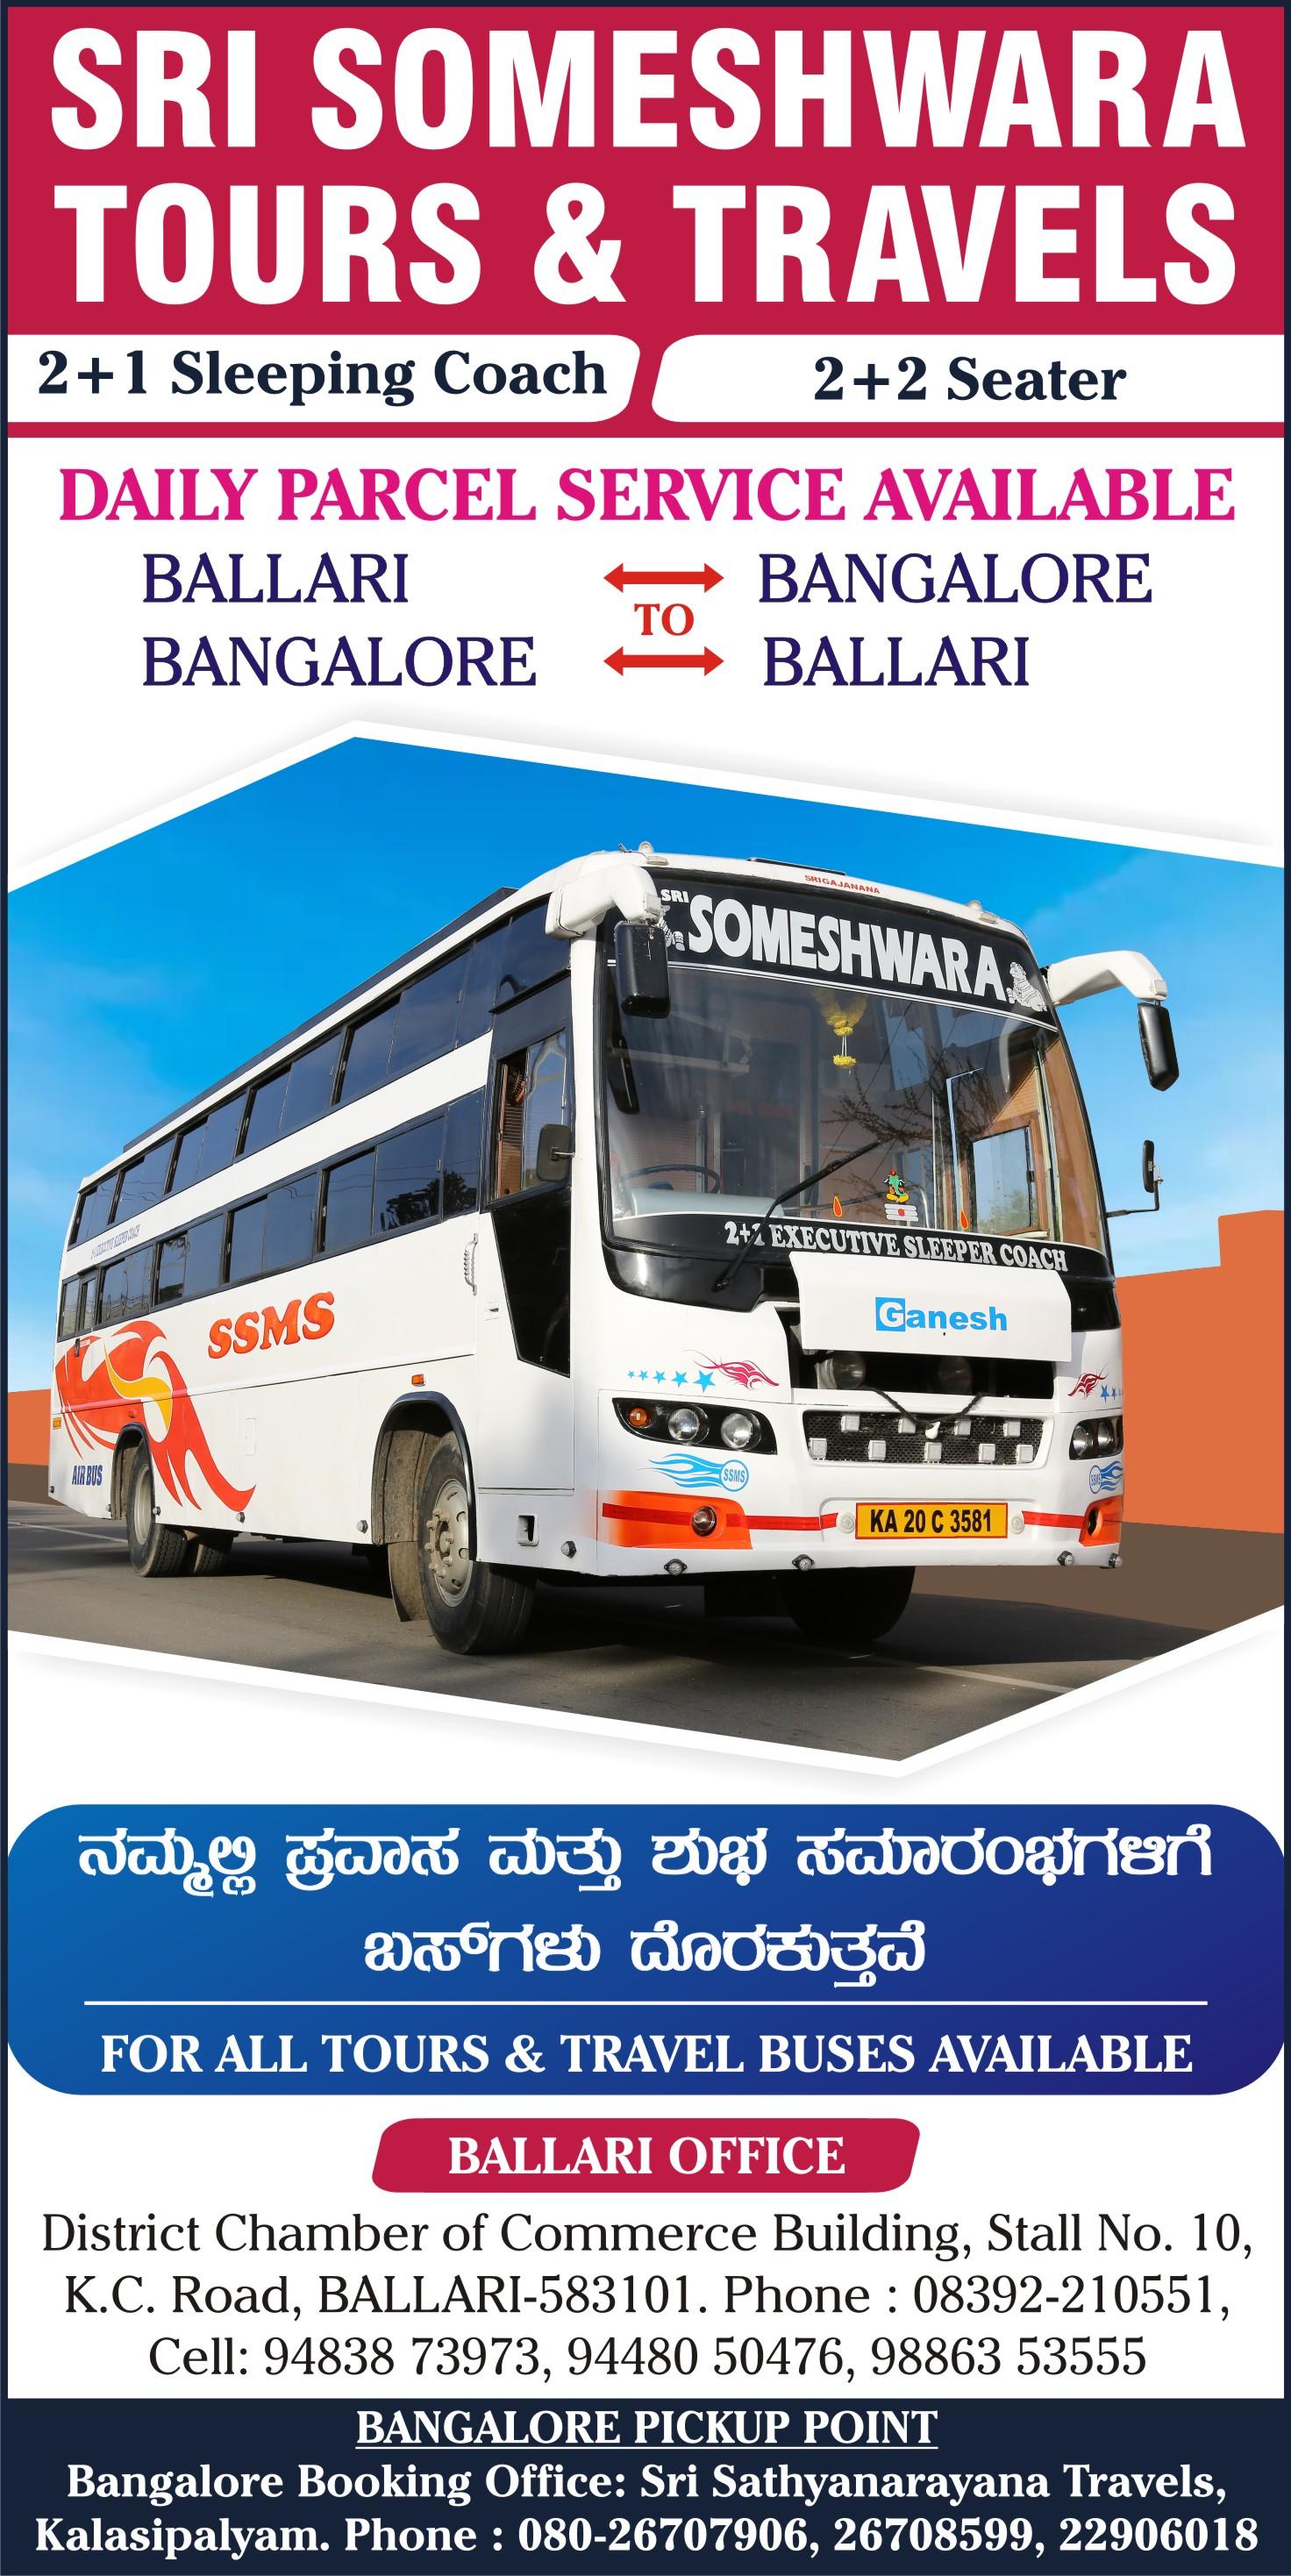 Sri Someshwara Tours & Travels